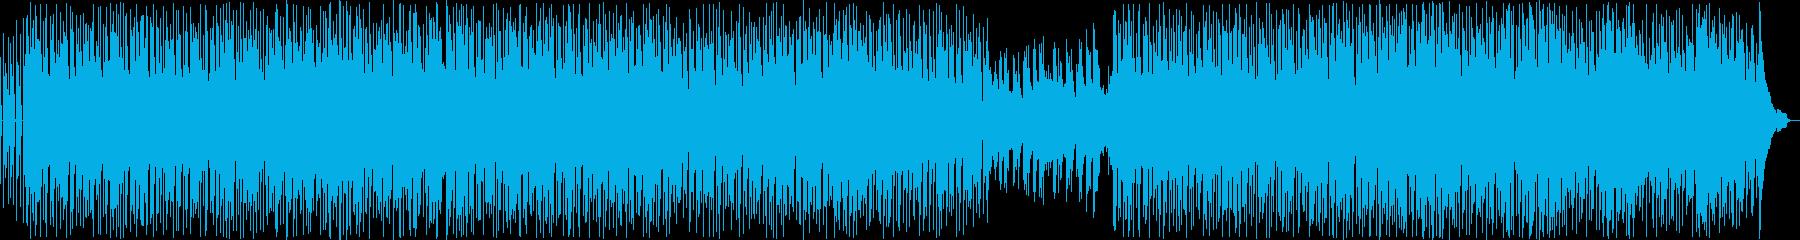 アコースティックギターアンサンブルの再生済みの波形